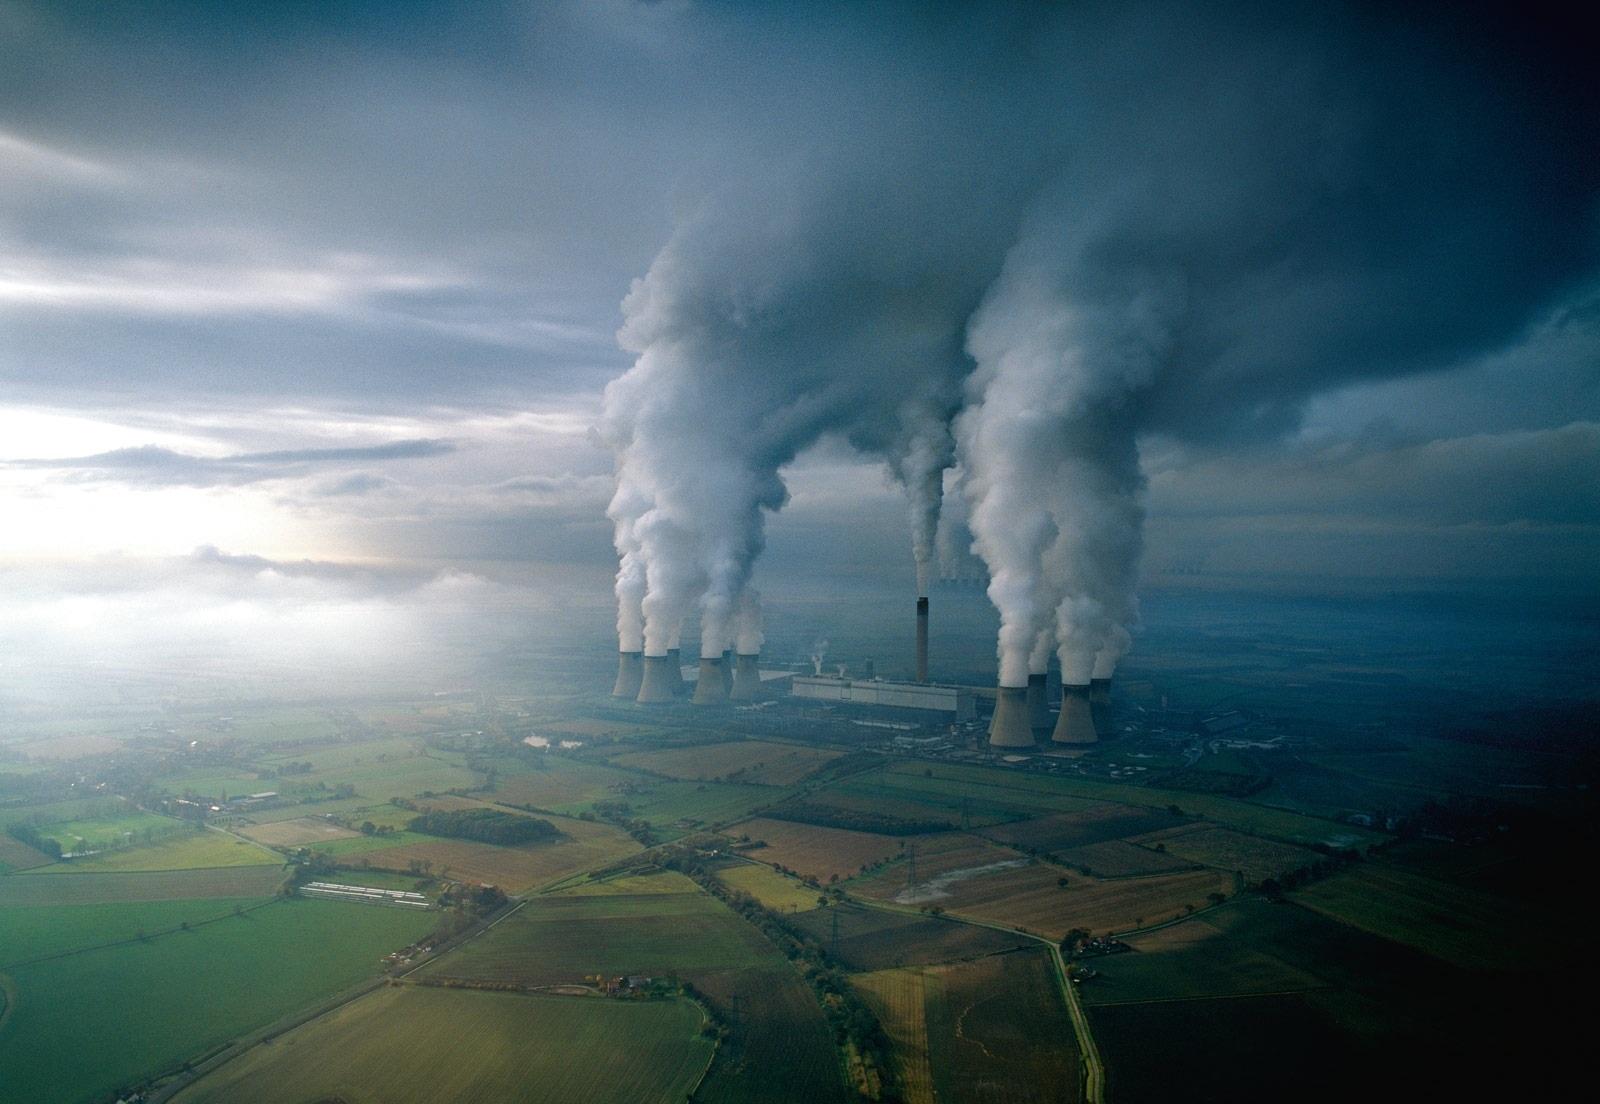 Повышение концентрации углекислого газа и других парниковых газов в атмосфере увеличивает естественный парниковый эффект, тем самым повышая уровень радиационной энергии, допустимый для поверхности Земли и нижних слоев атмосферы. Если увеличение этой энергии не компенсируется другими процессами, это приводит к потеплению.